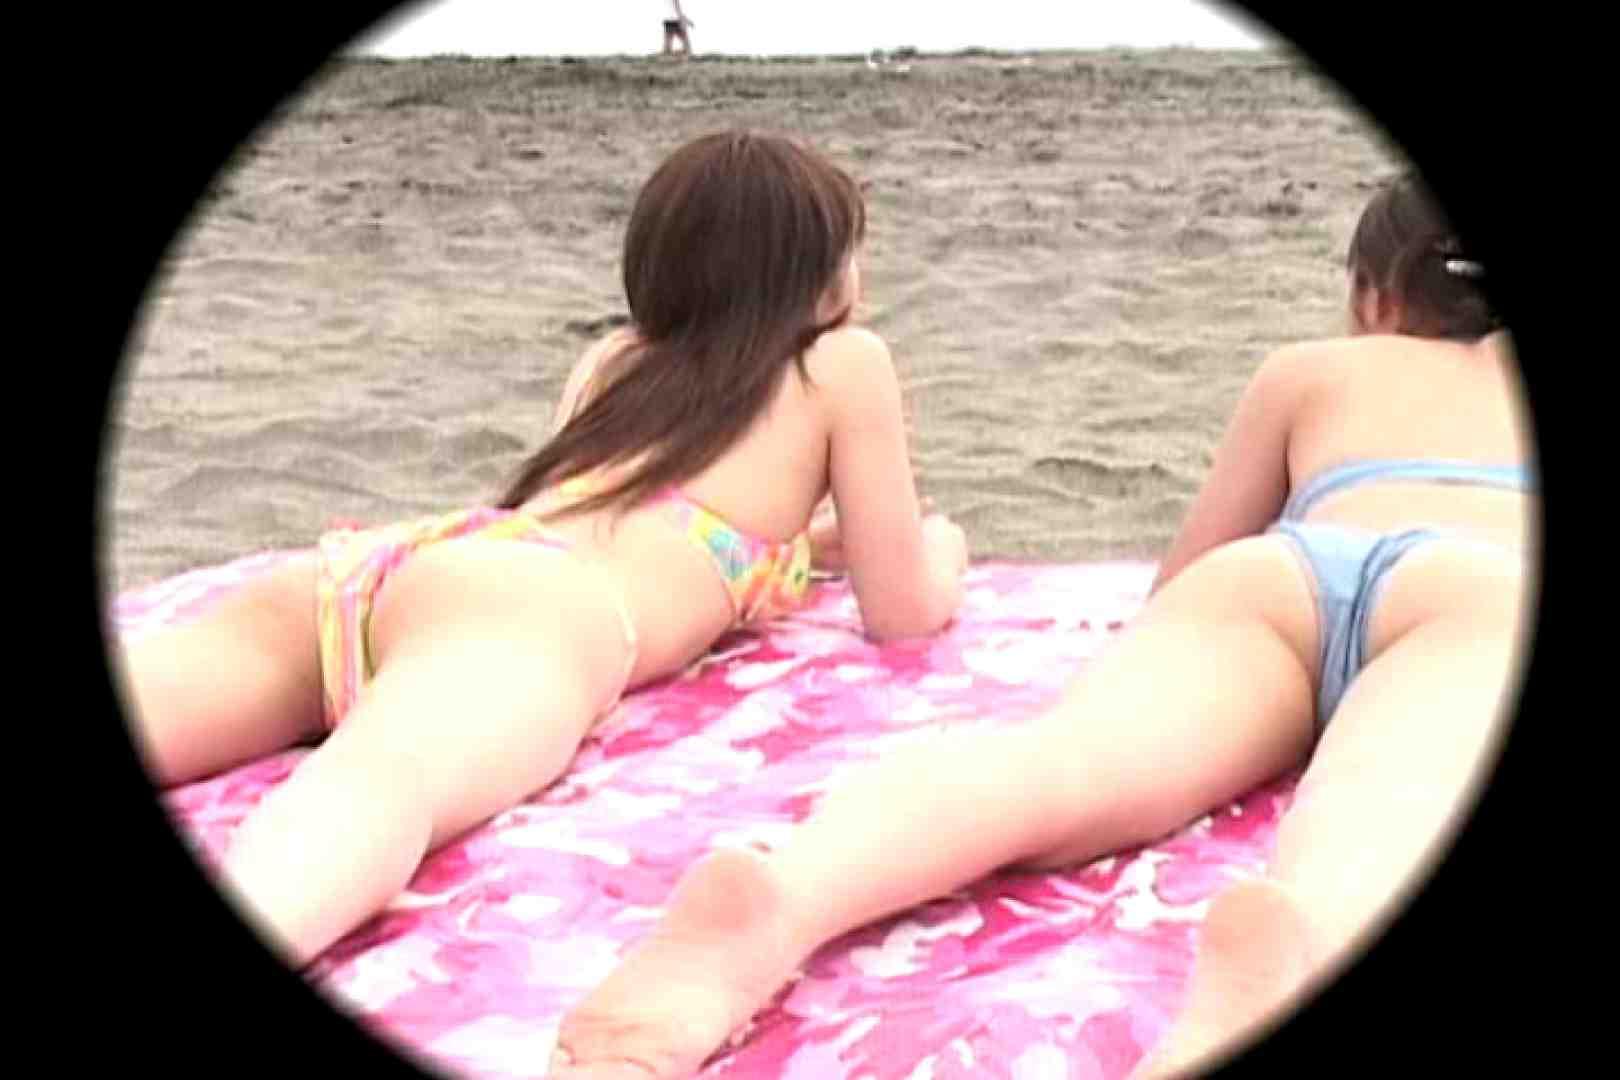 ビーチで発見!!はしゃぎ過ぎポロリギャルVol.4 OLセックス 盗撮セックス無修正動画無料 102画像 98